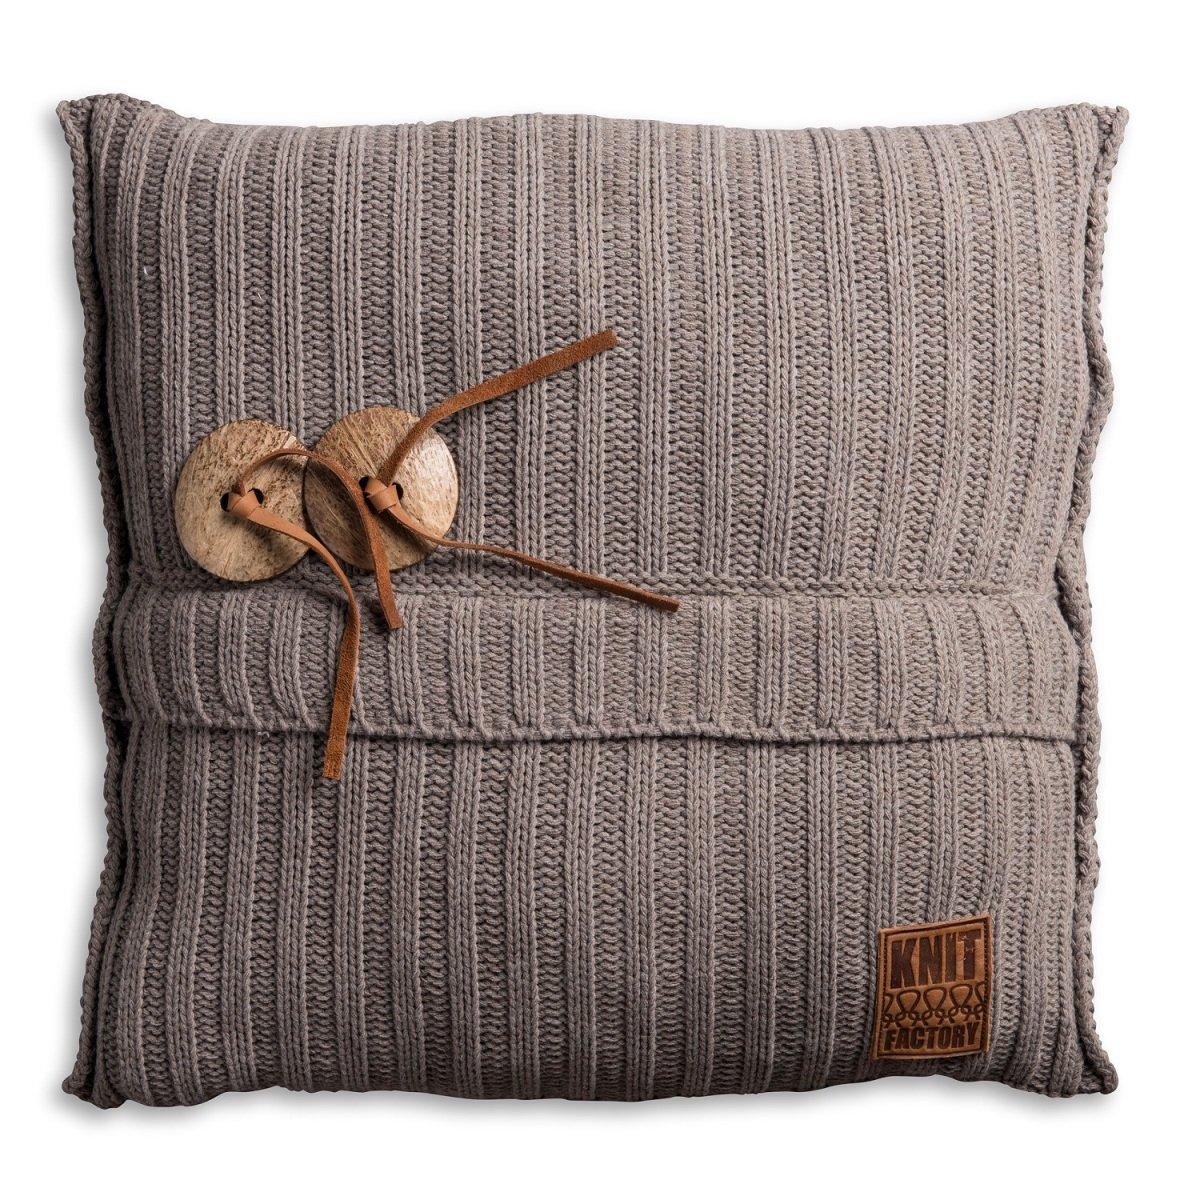 Knit Factory 1101229 Dekokissen Strickkissen Aran mit Füllung, Füllung, Füllung, 50 x 50 cm, Taupe d2f7a0